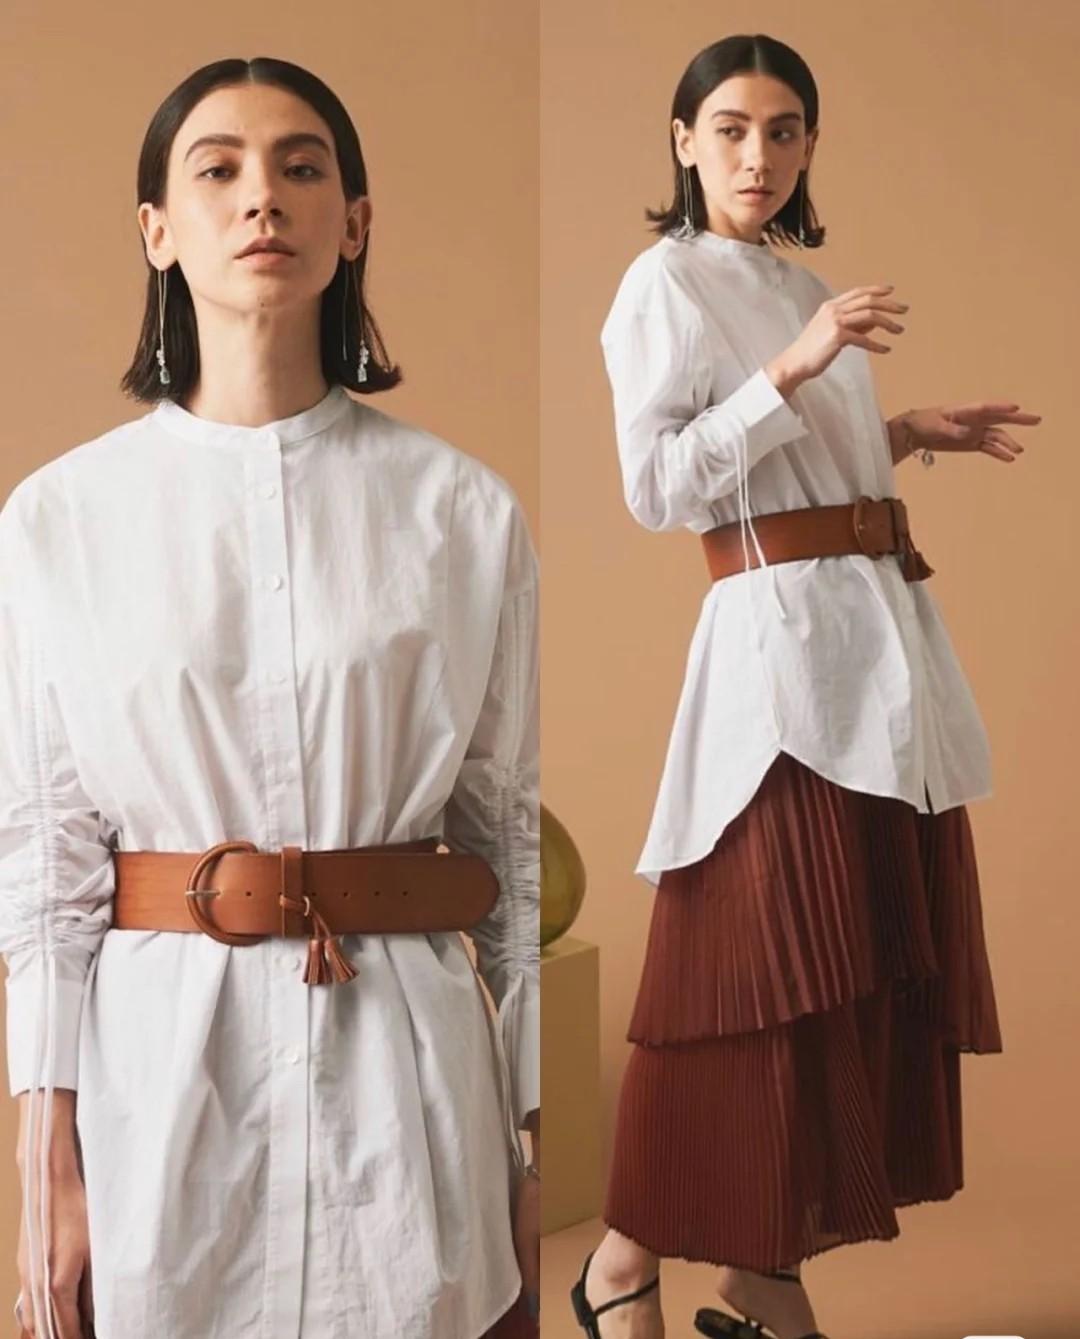 40歲的女人要穿的樸素,學會合理使用白色,花樣百變還好看